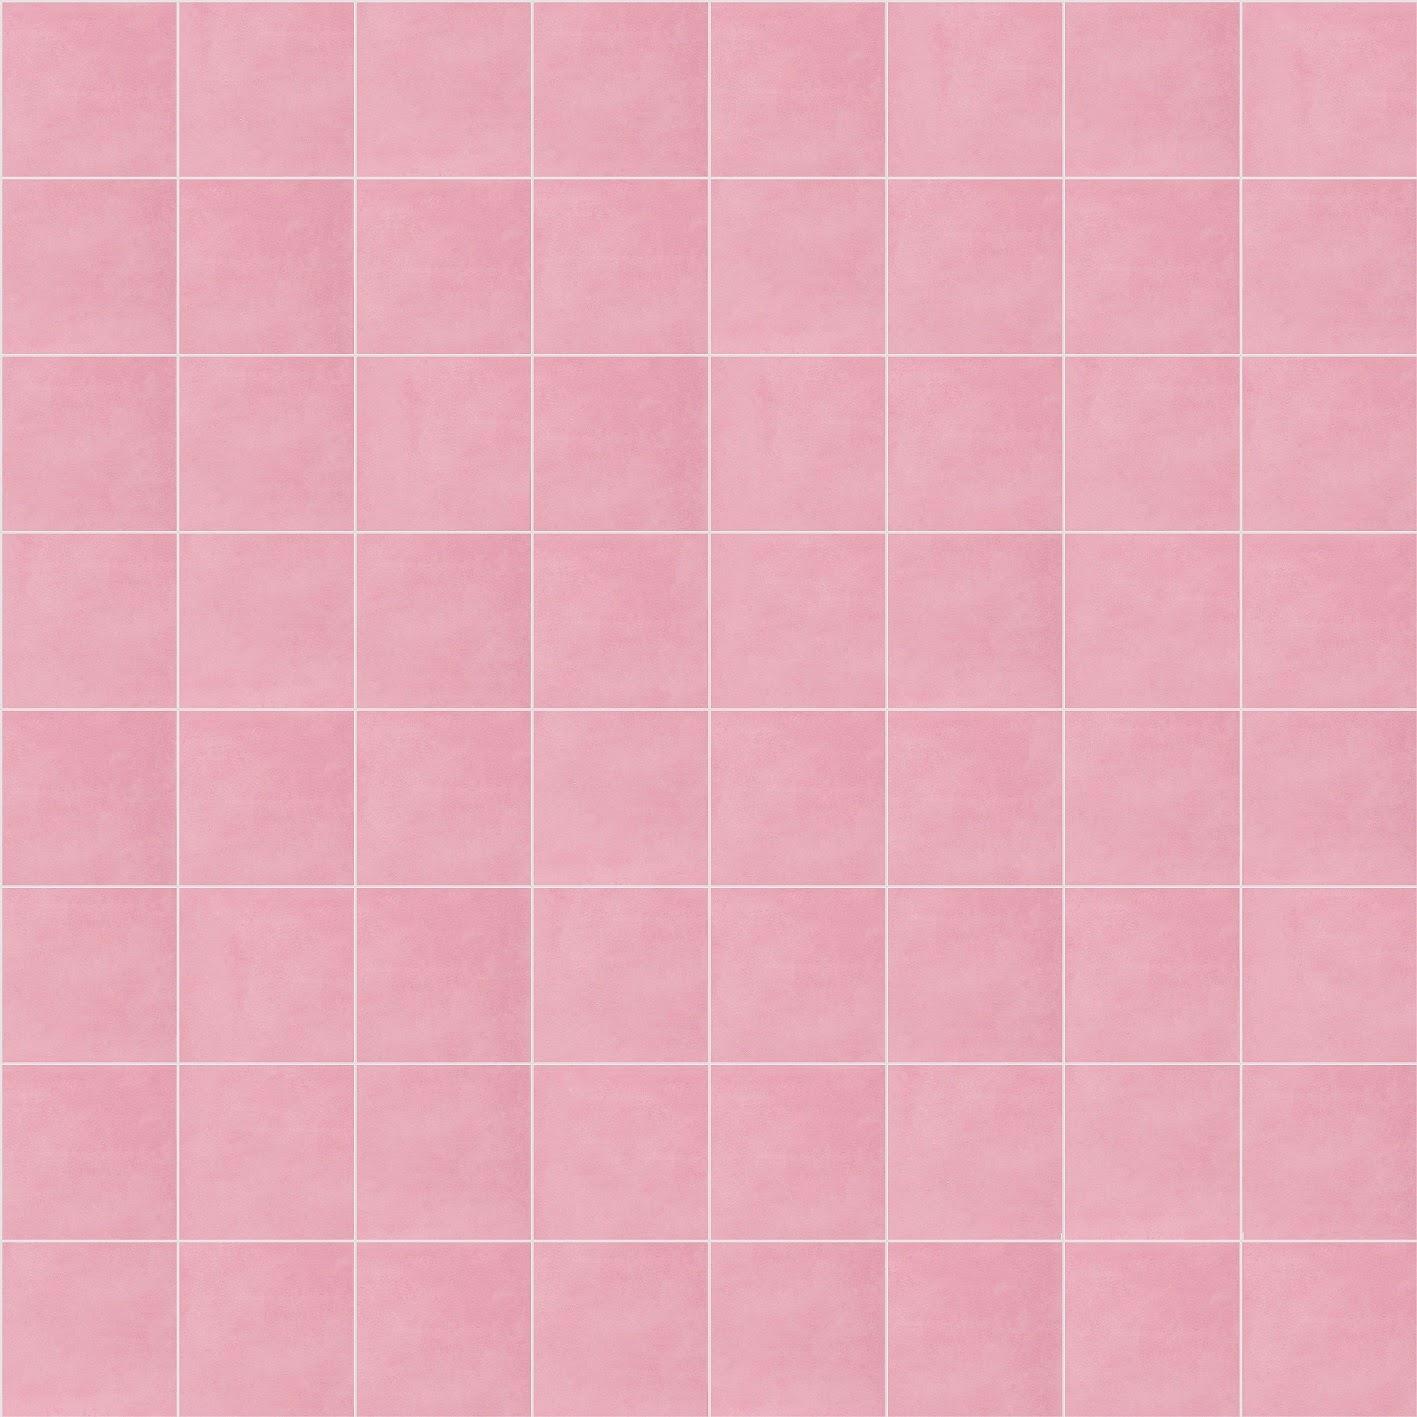 Simo texture seamless piastrelle vari - Piastrelle rosa ...